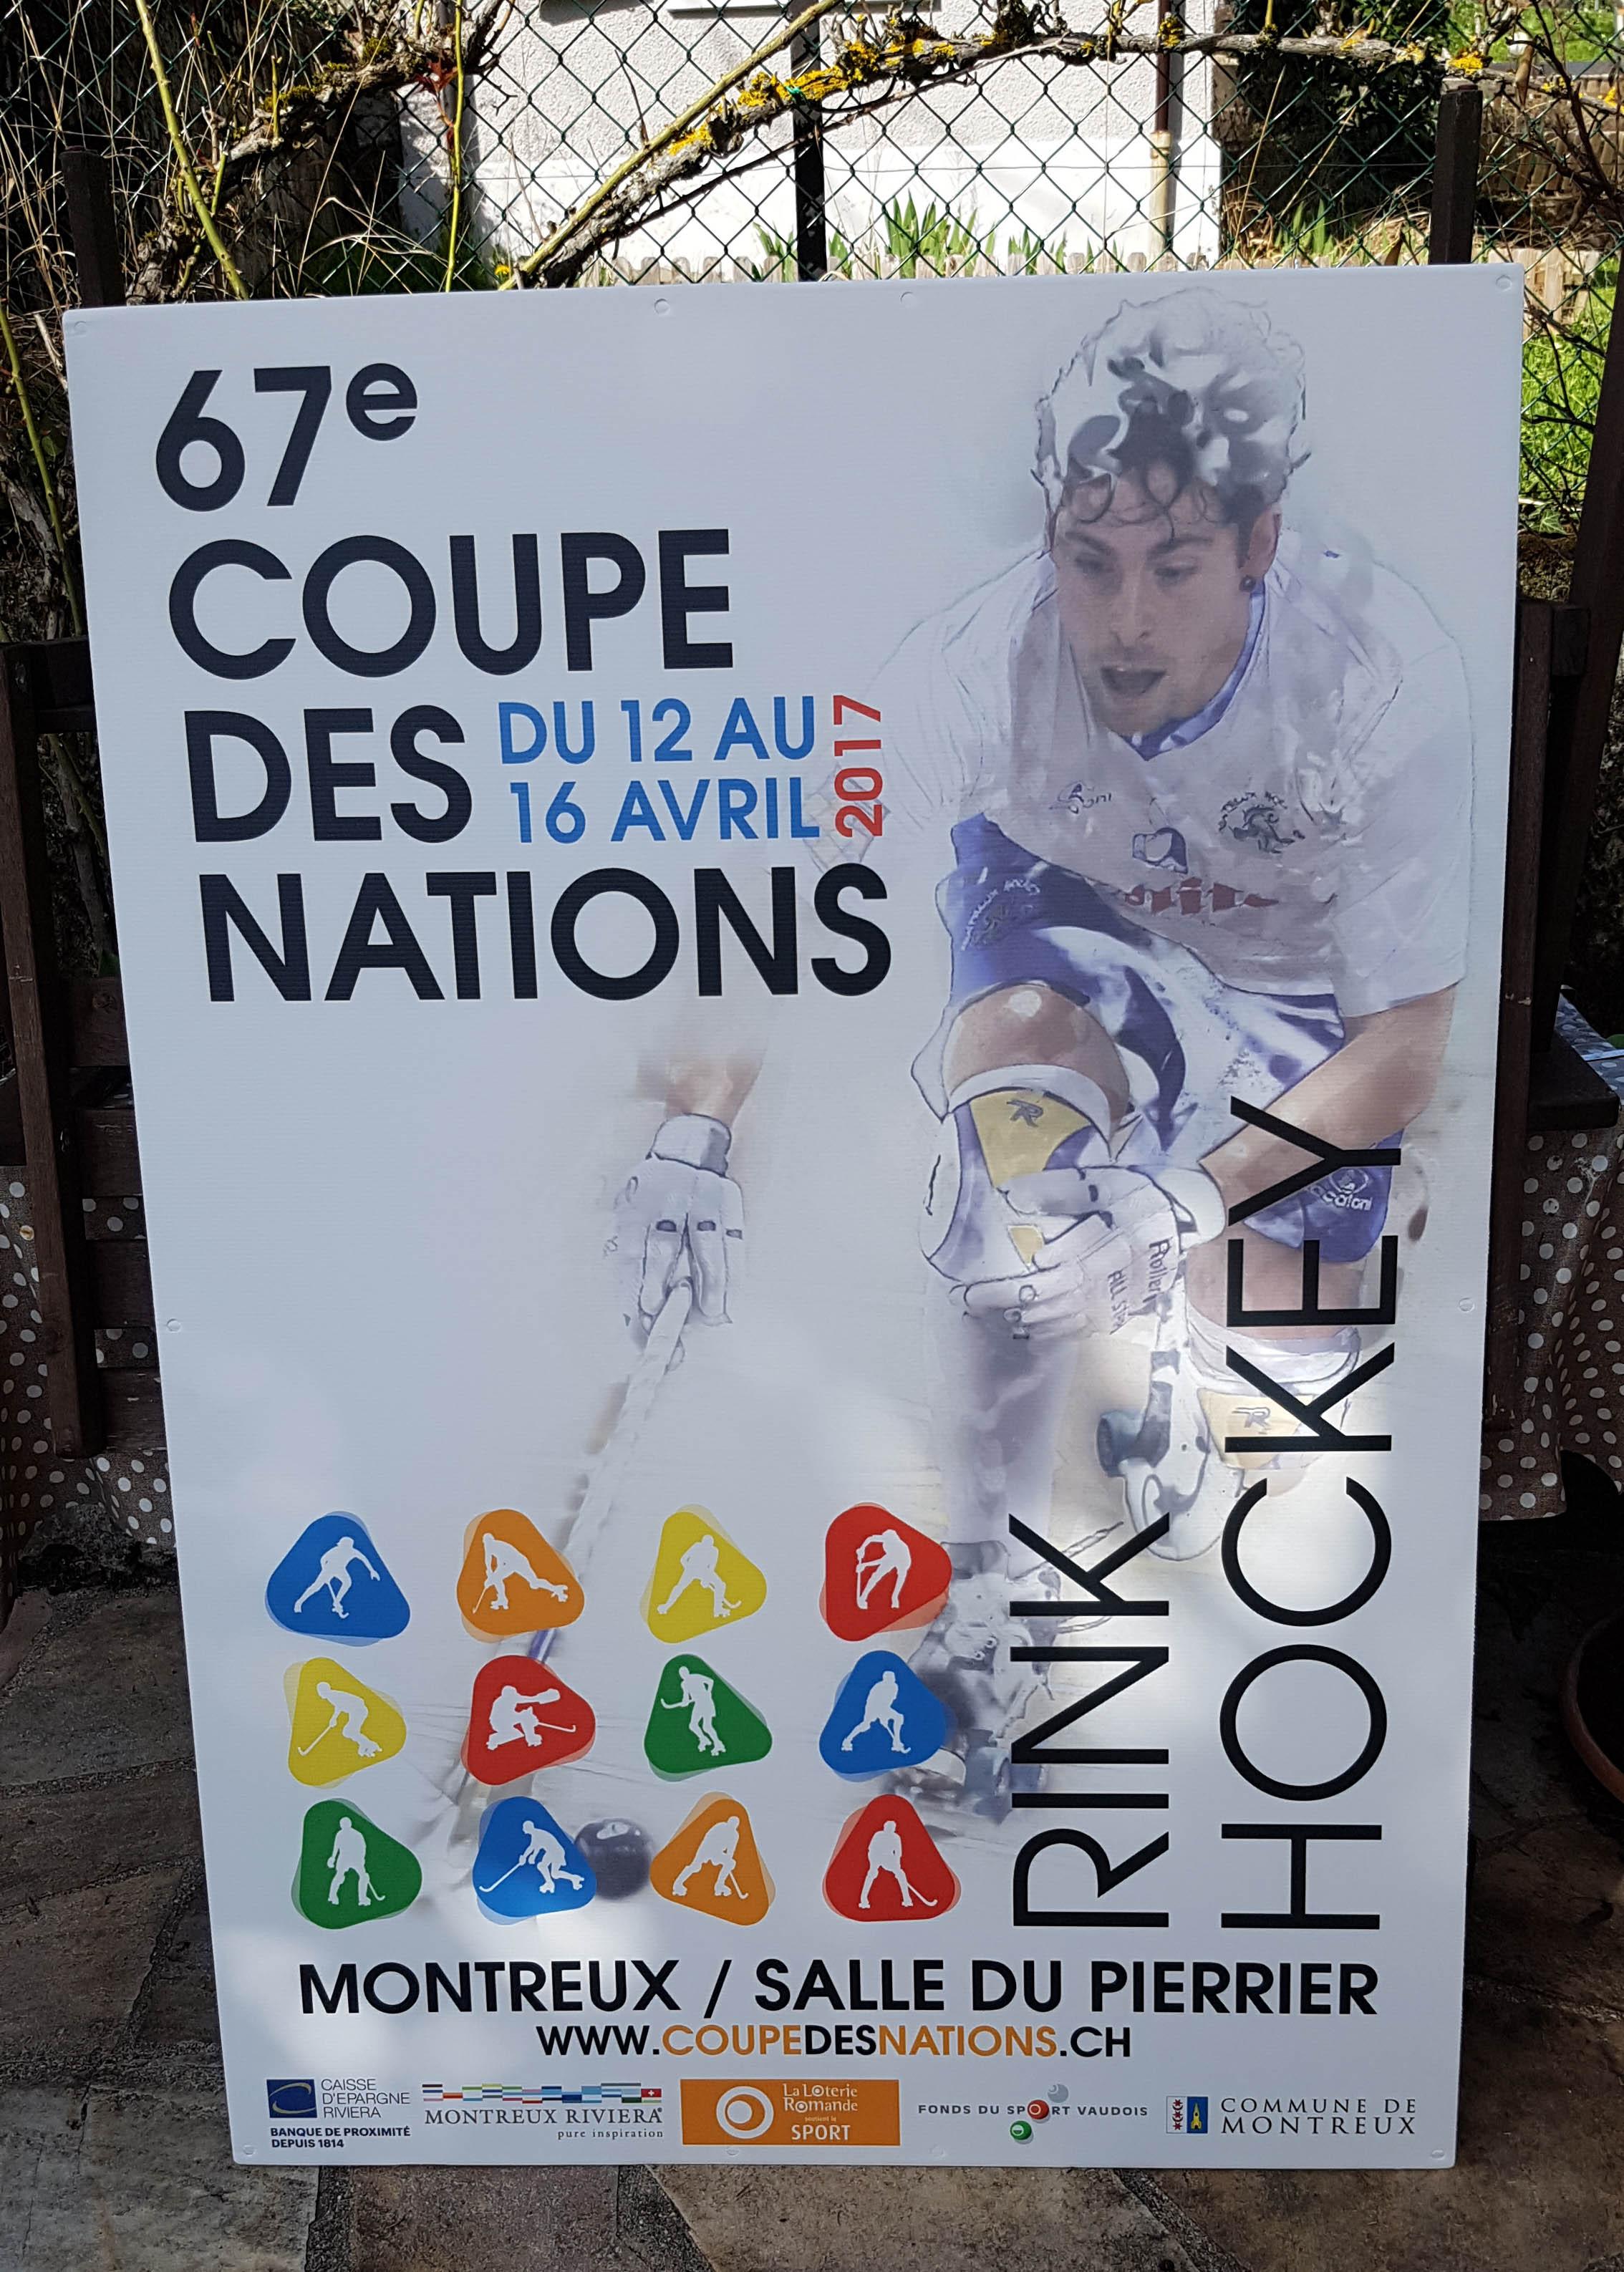 67e coupe des nations